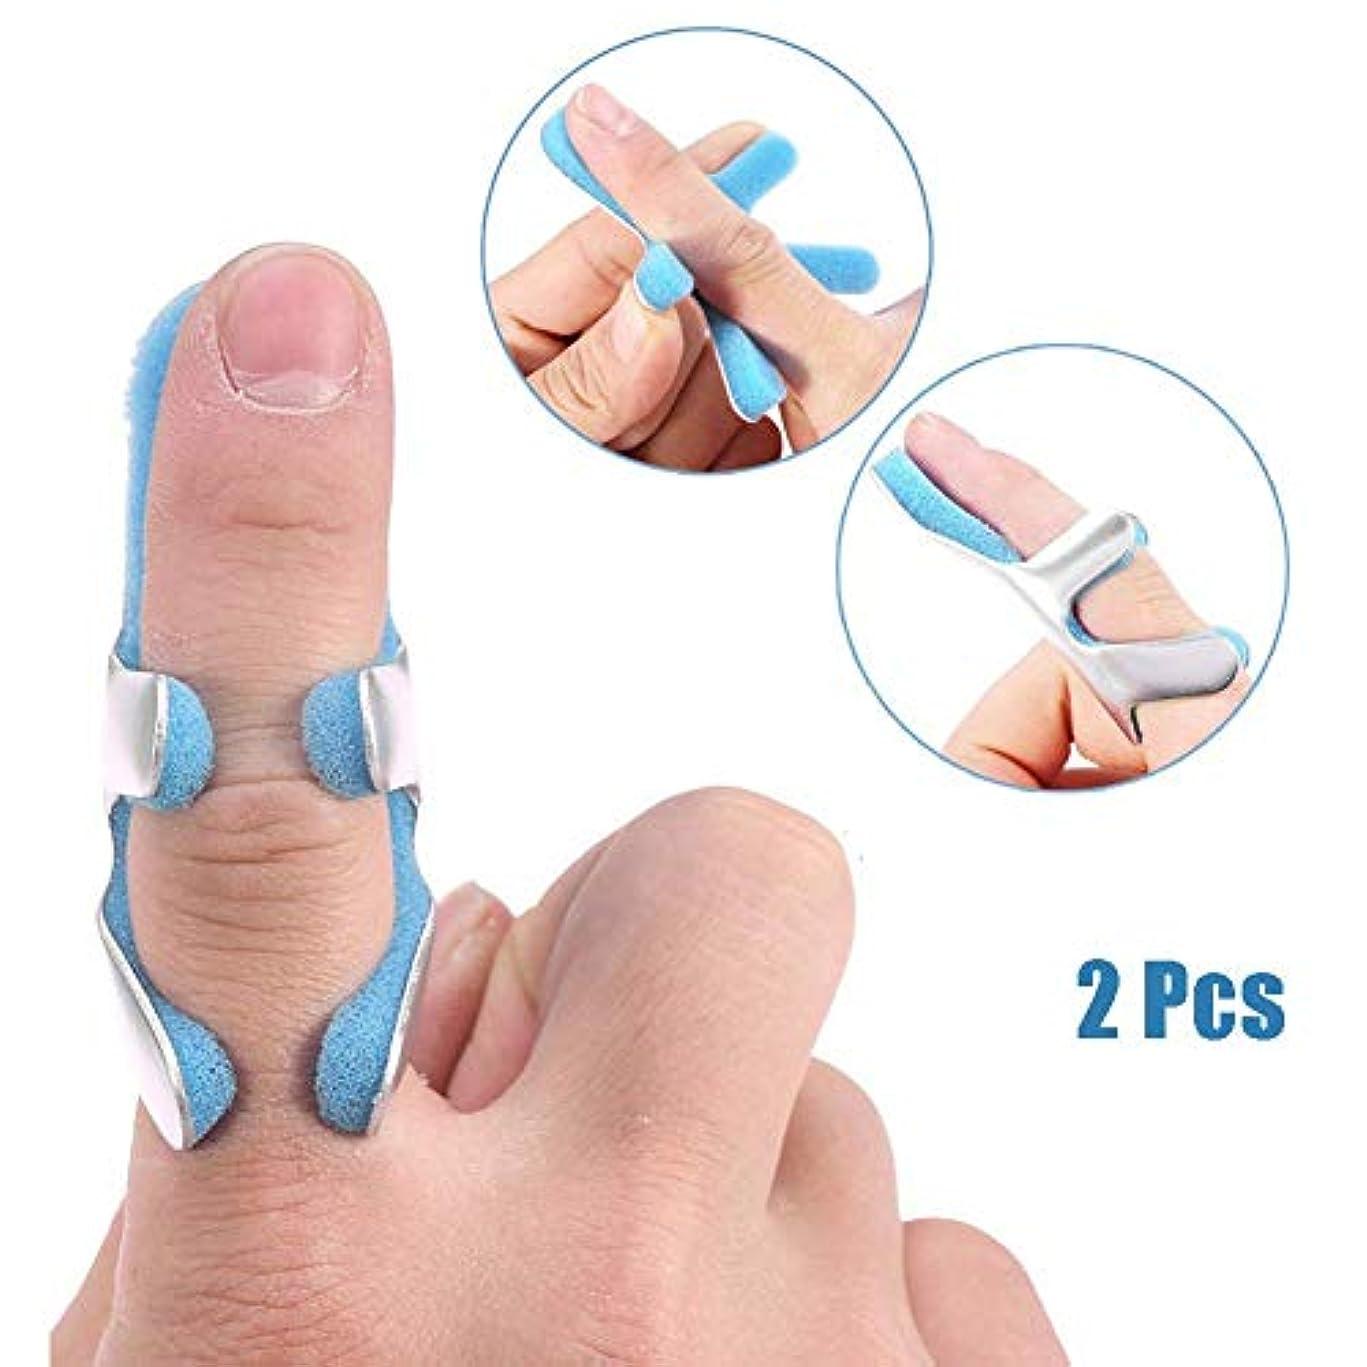 なに有害な大きいフィンガースプリント、腱リリース用のパッド付きアルミニウム固定サポートパッド、痛み緩和、2個、L